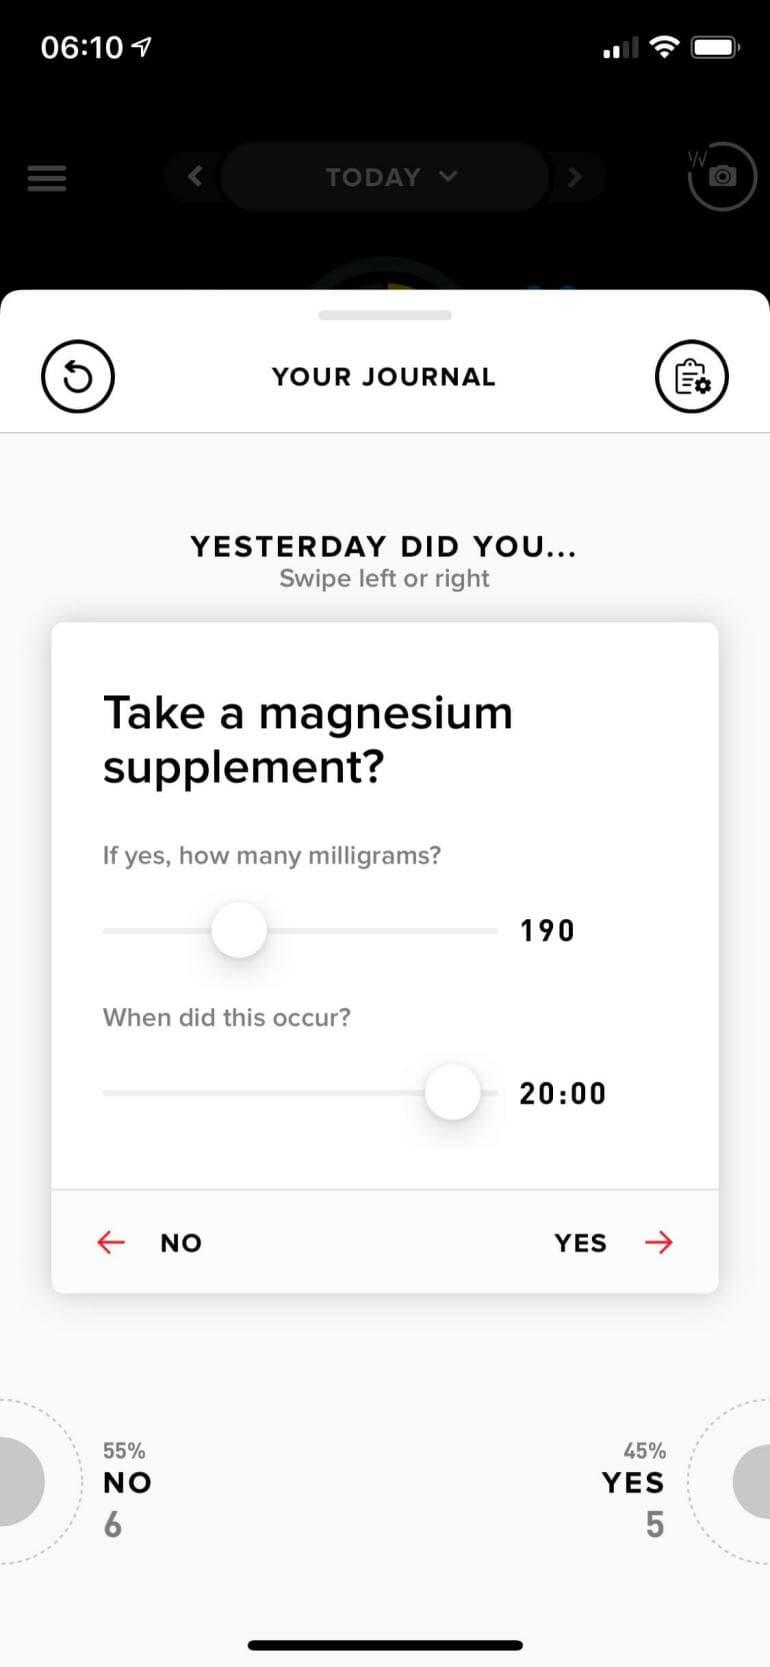 WHOOP Journal - Magnesium Supplement